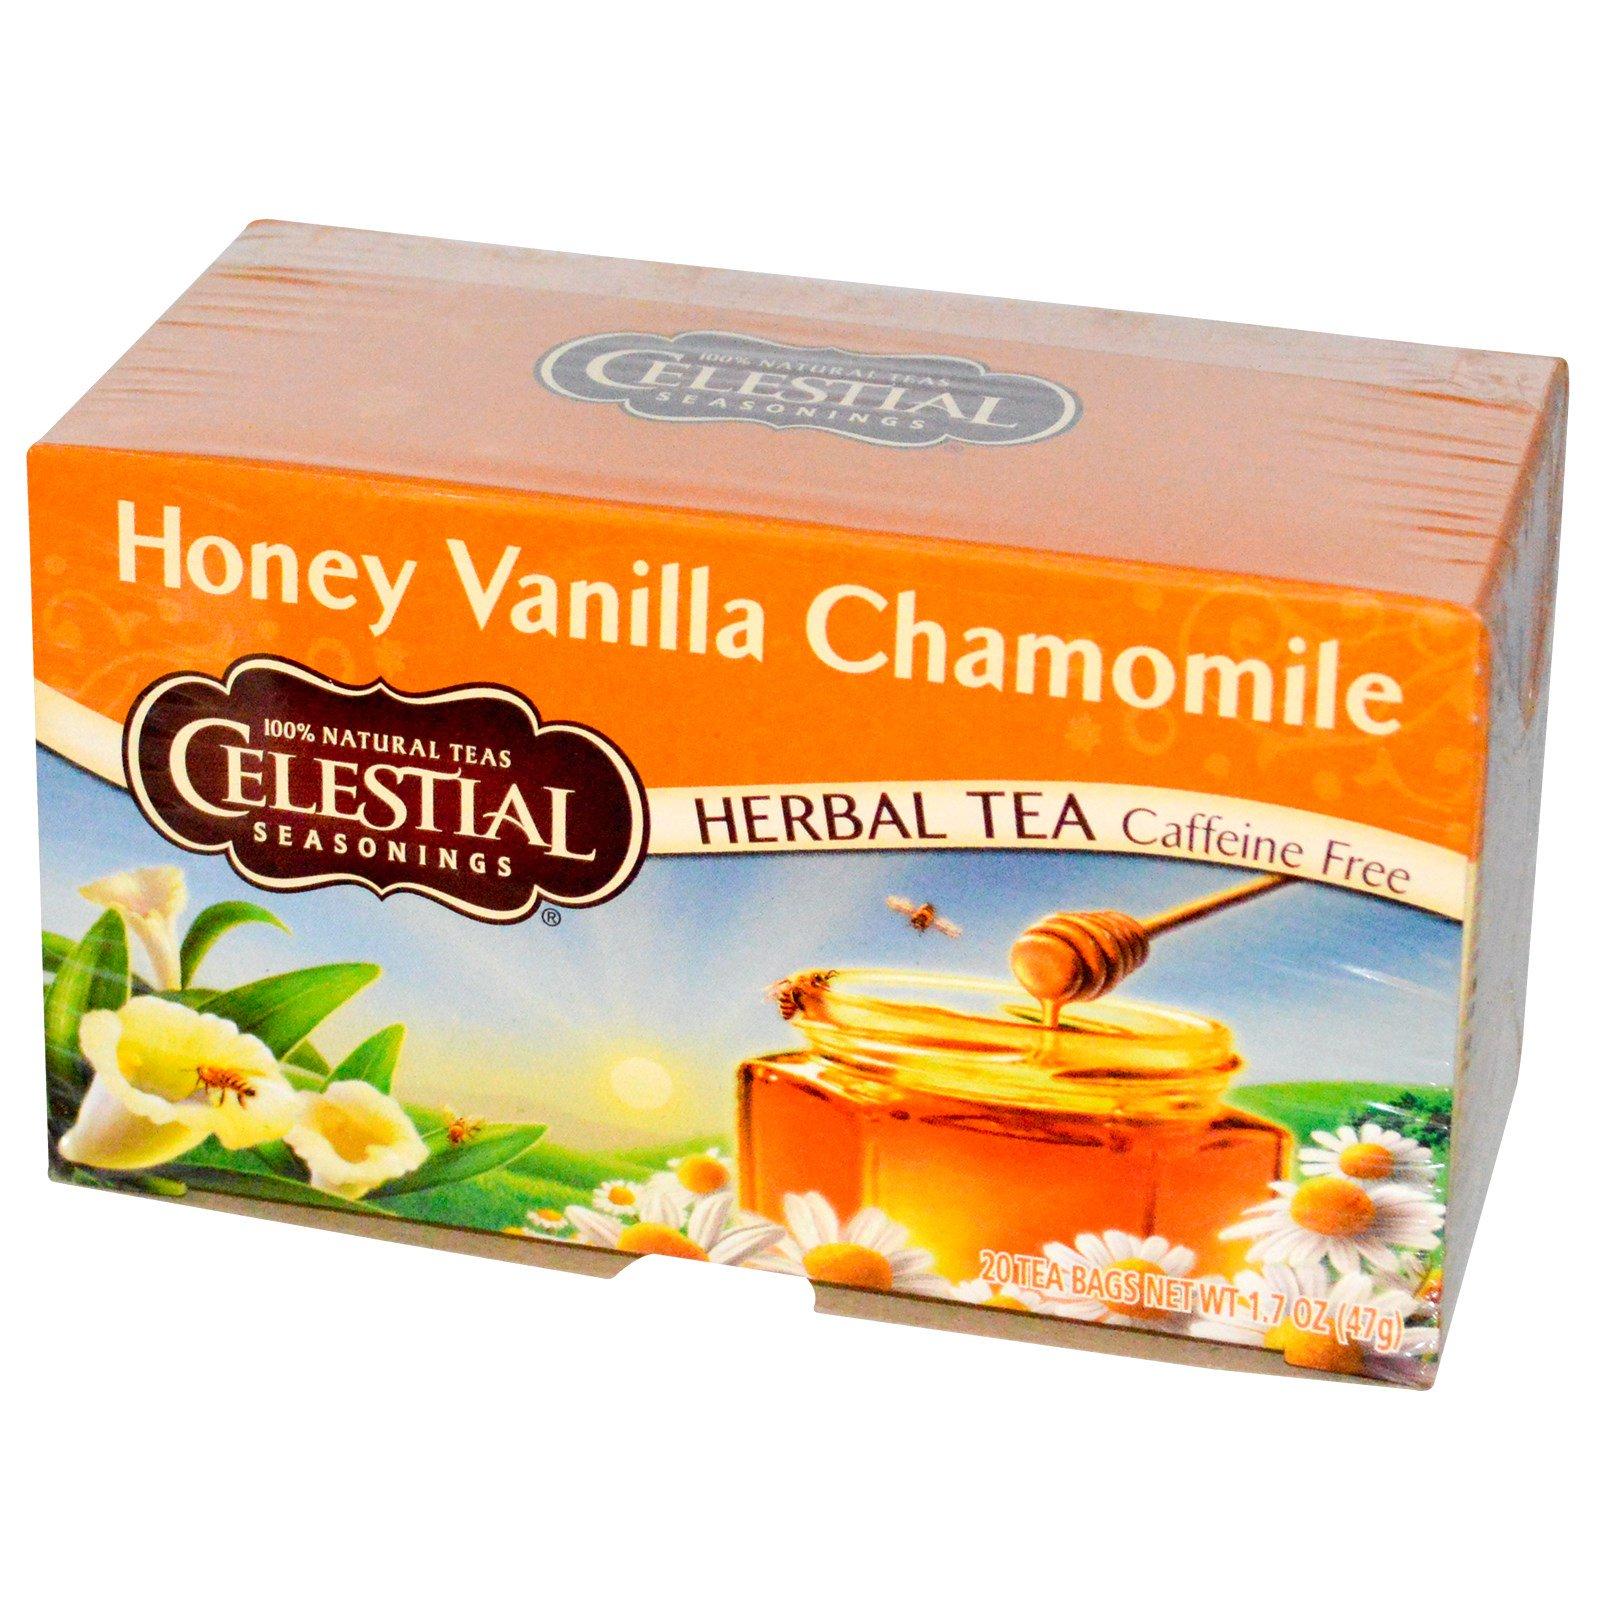 Celestial Seasonings, Herbal Tea